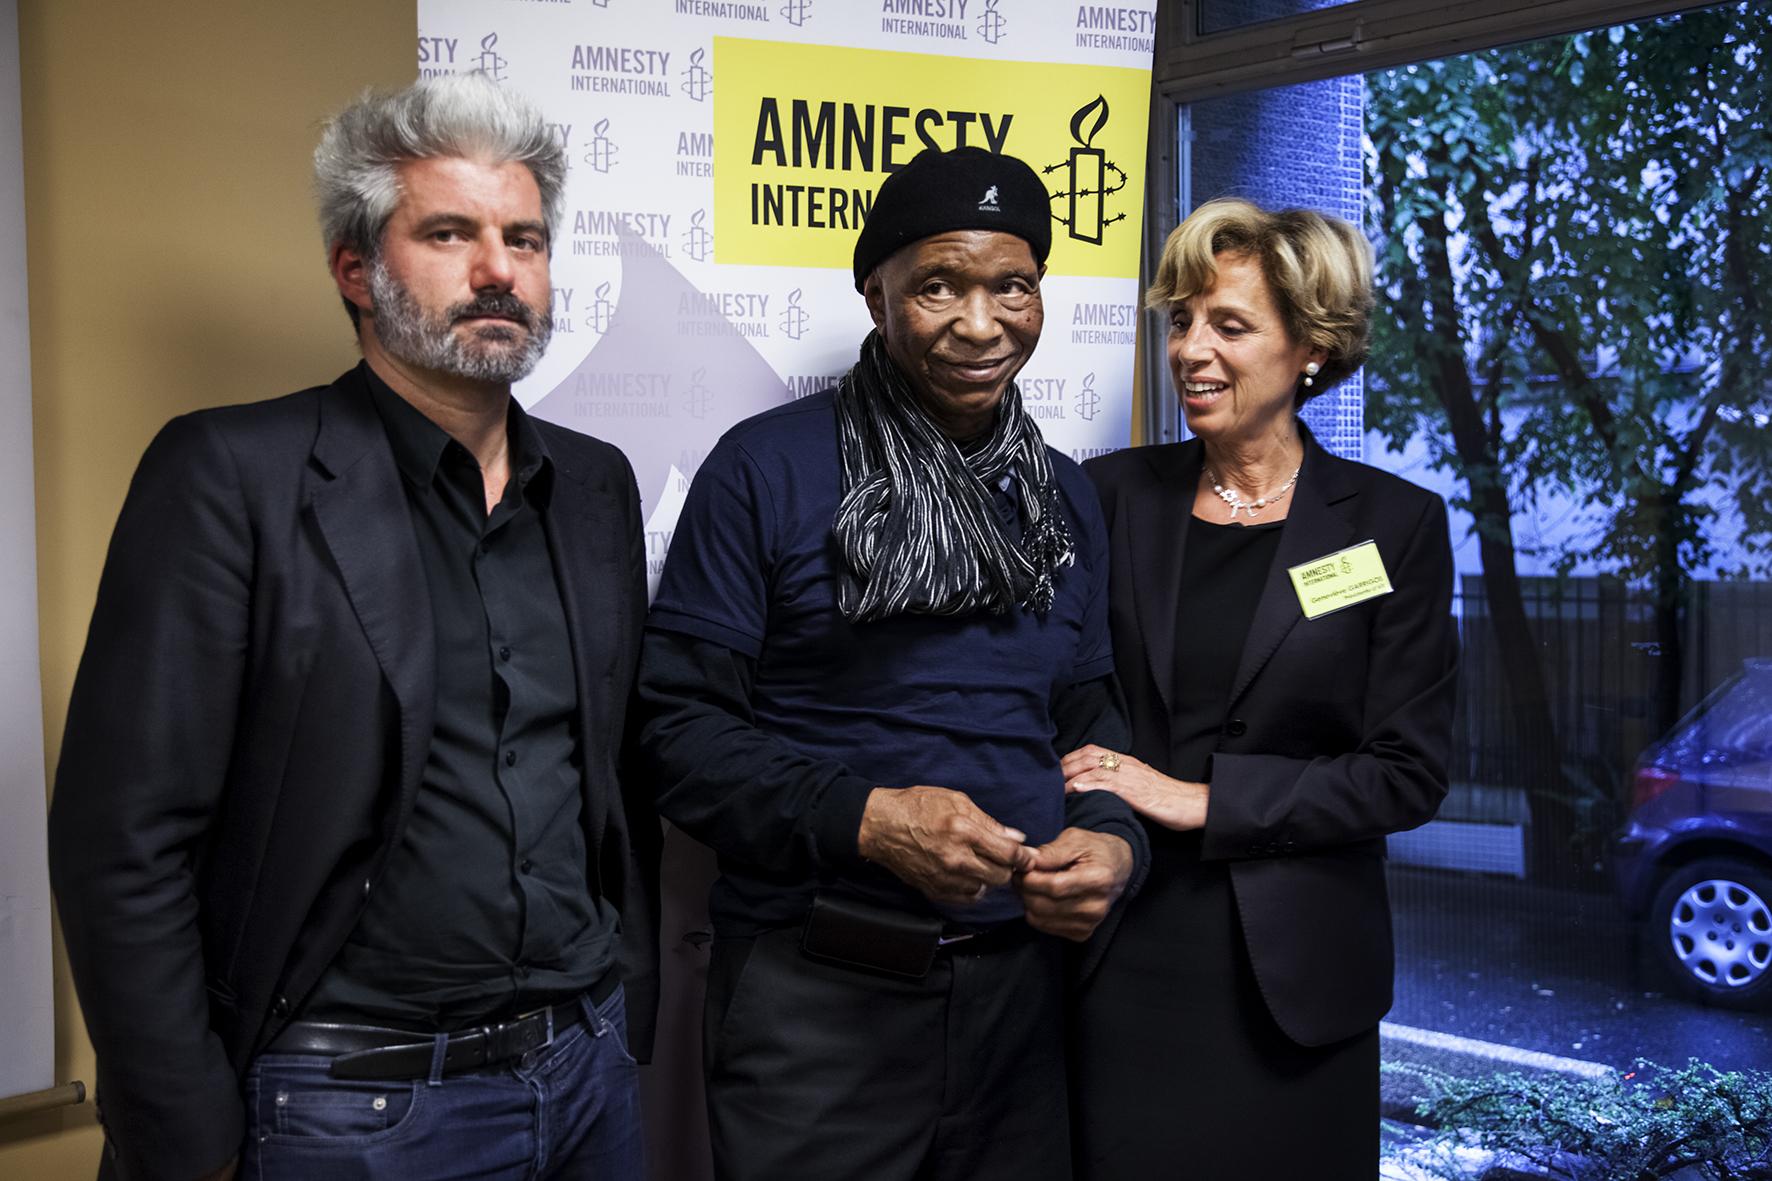 """AMNESTY_INTERNATIONAL/STOP TORTURE/ Genevieve GARRIGOS (drte) présidente d'Amnesty International, Robert KING(ctre), ancien Black Panthers detenu a l'isolement durant 29 ans, Laurent GAUDE(gche), ecrivain prix Goncourt, soutenant la campagne """"Stop Torture"""" - Paris 12/05/2014"""